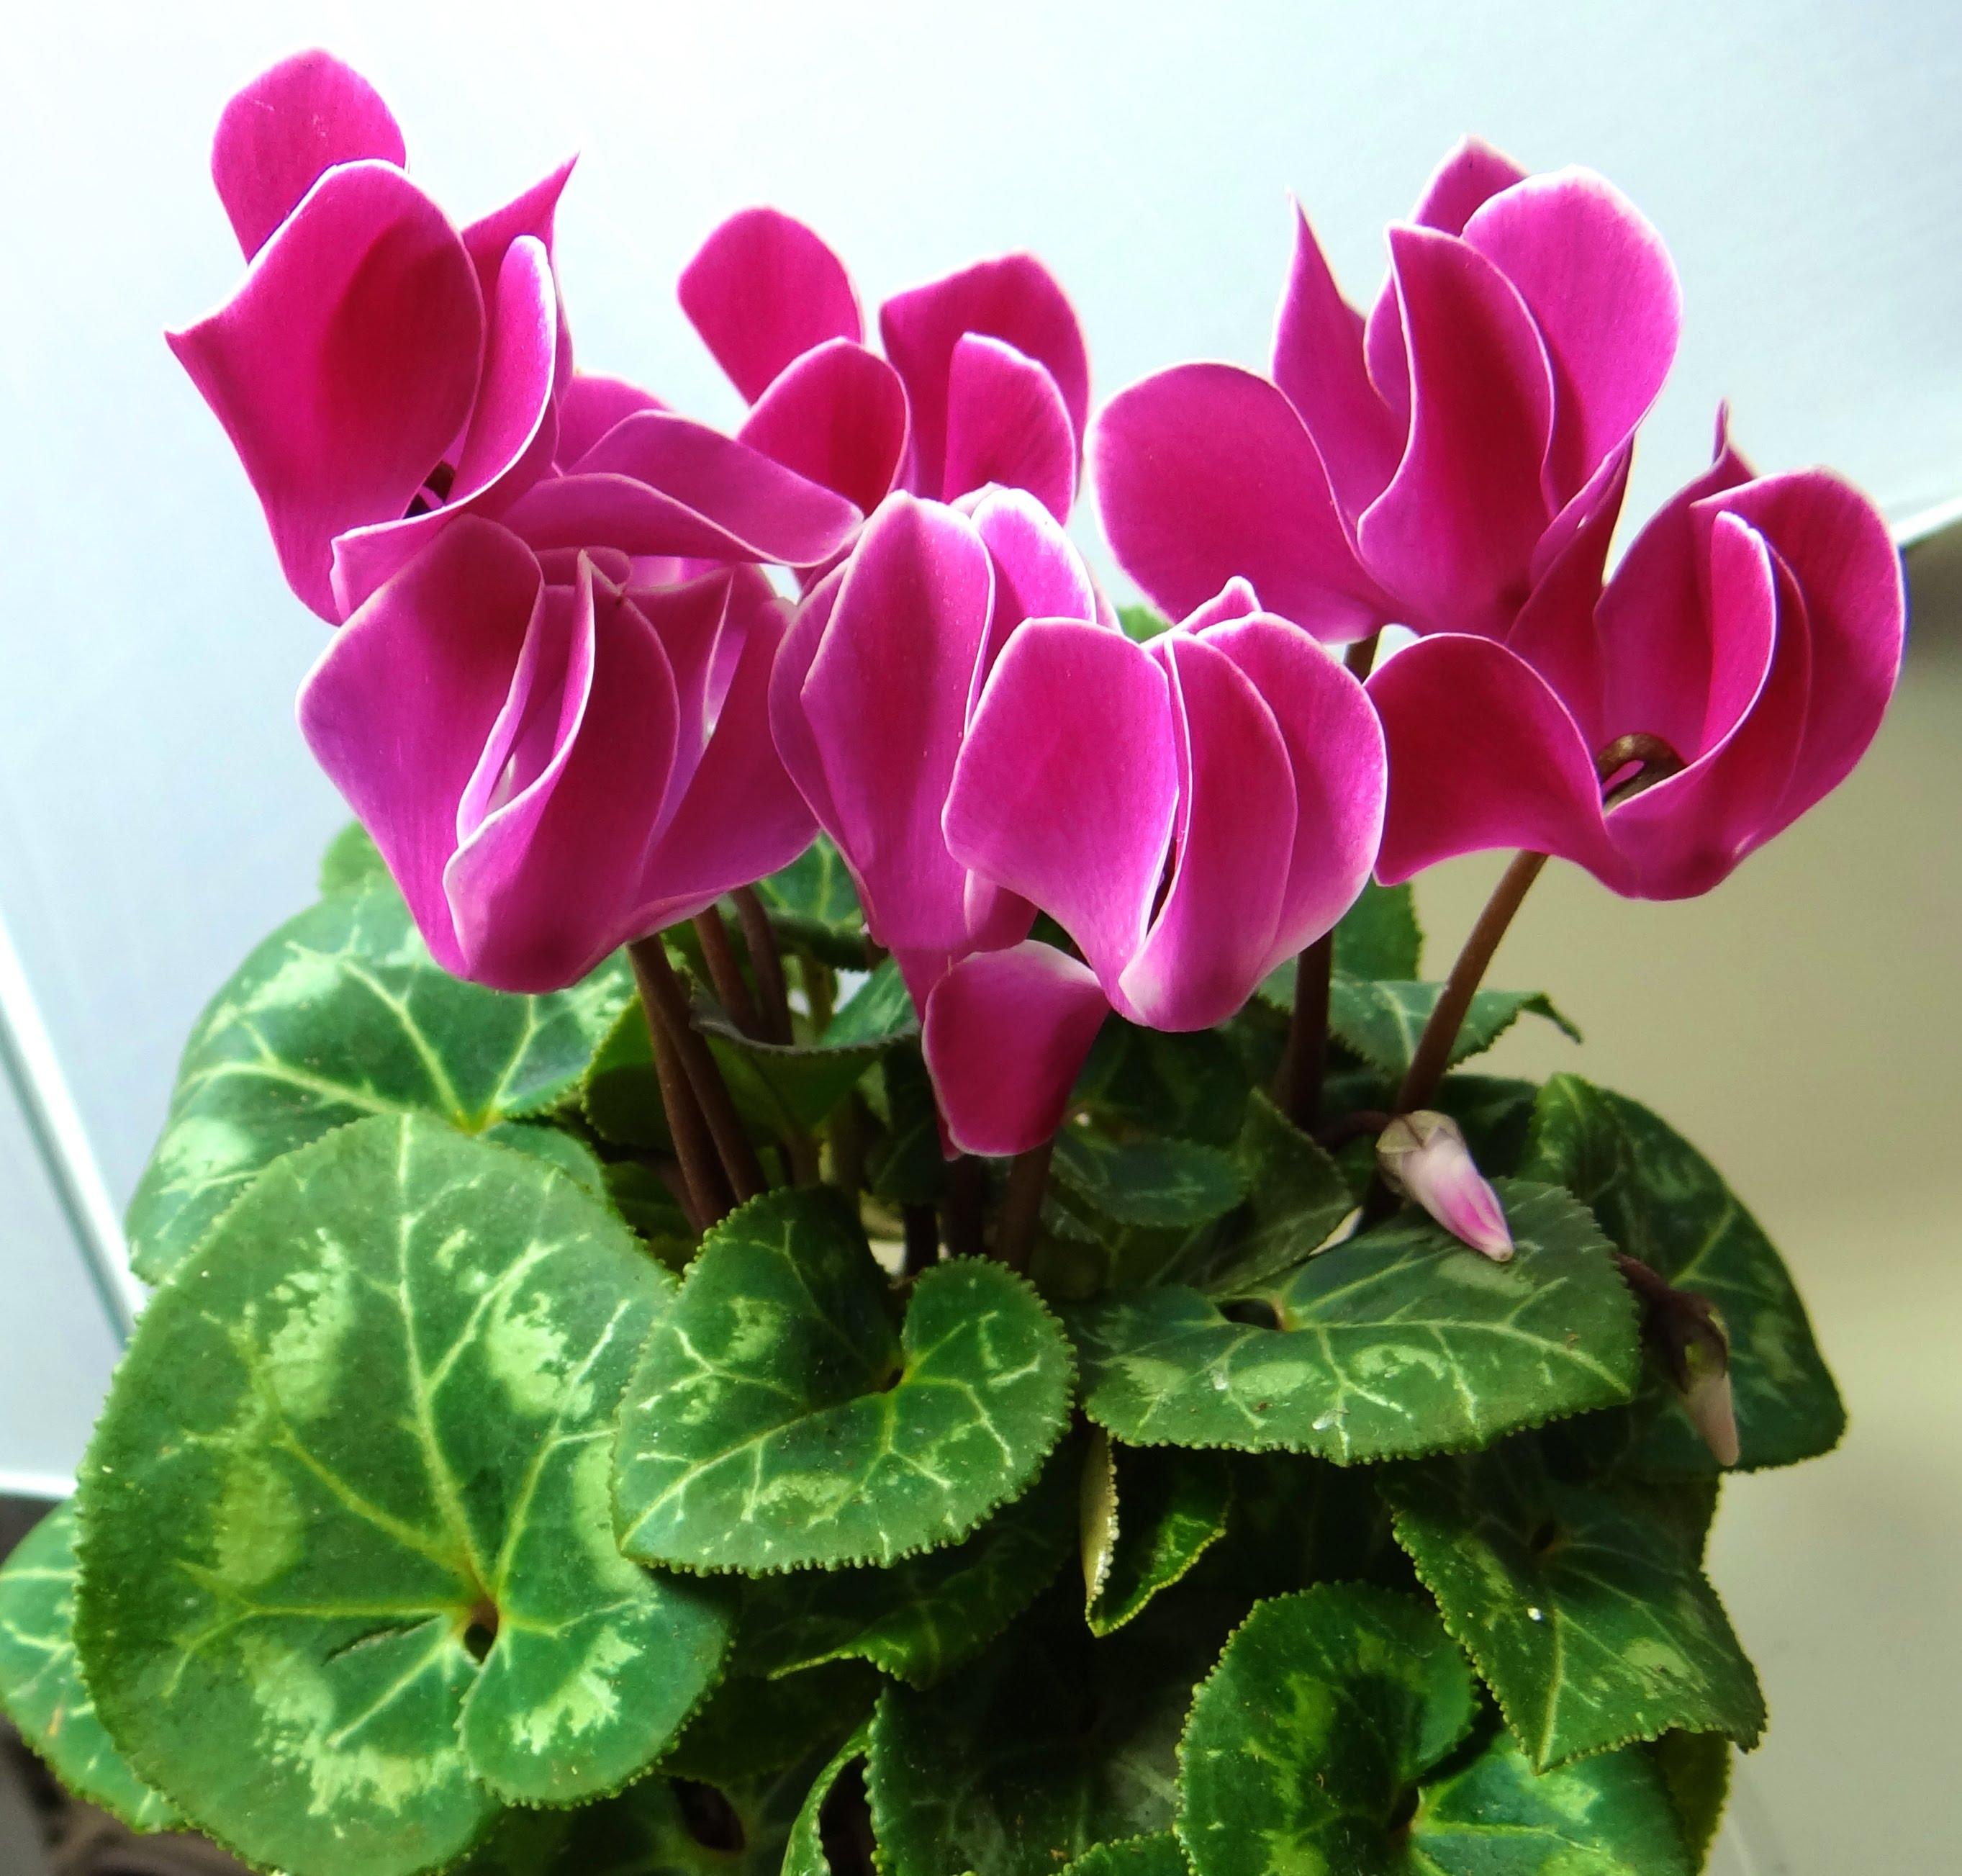 цикламена фото цветка позволяет запечатлеть